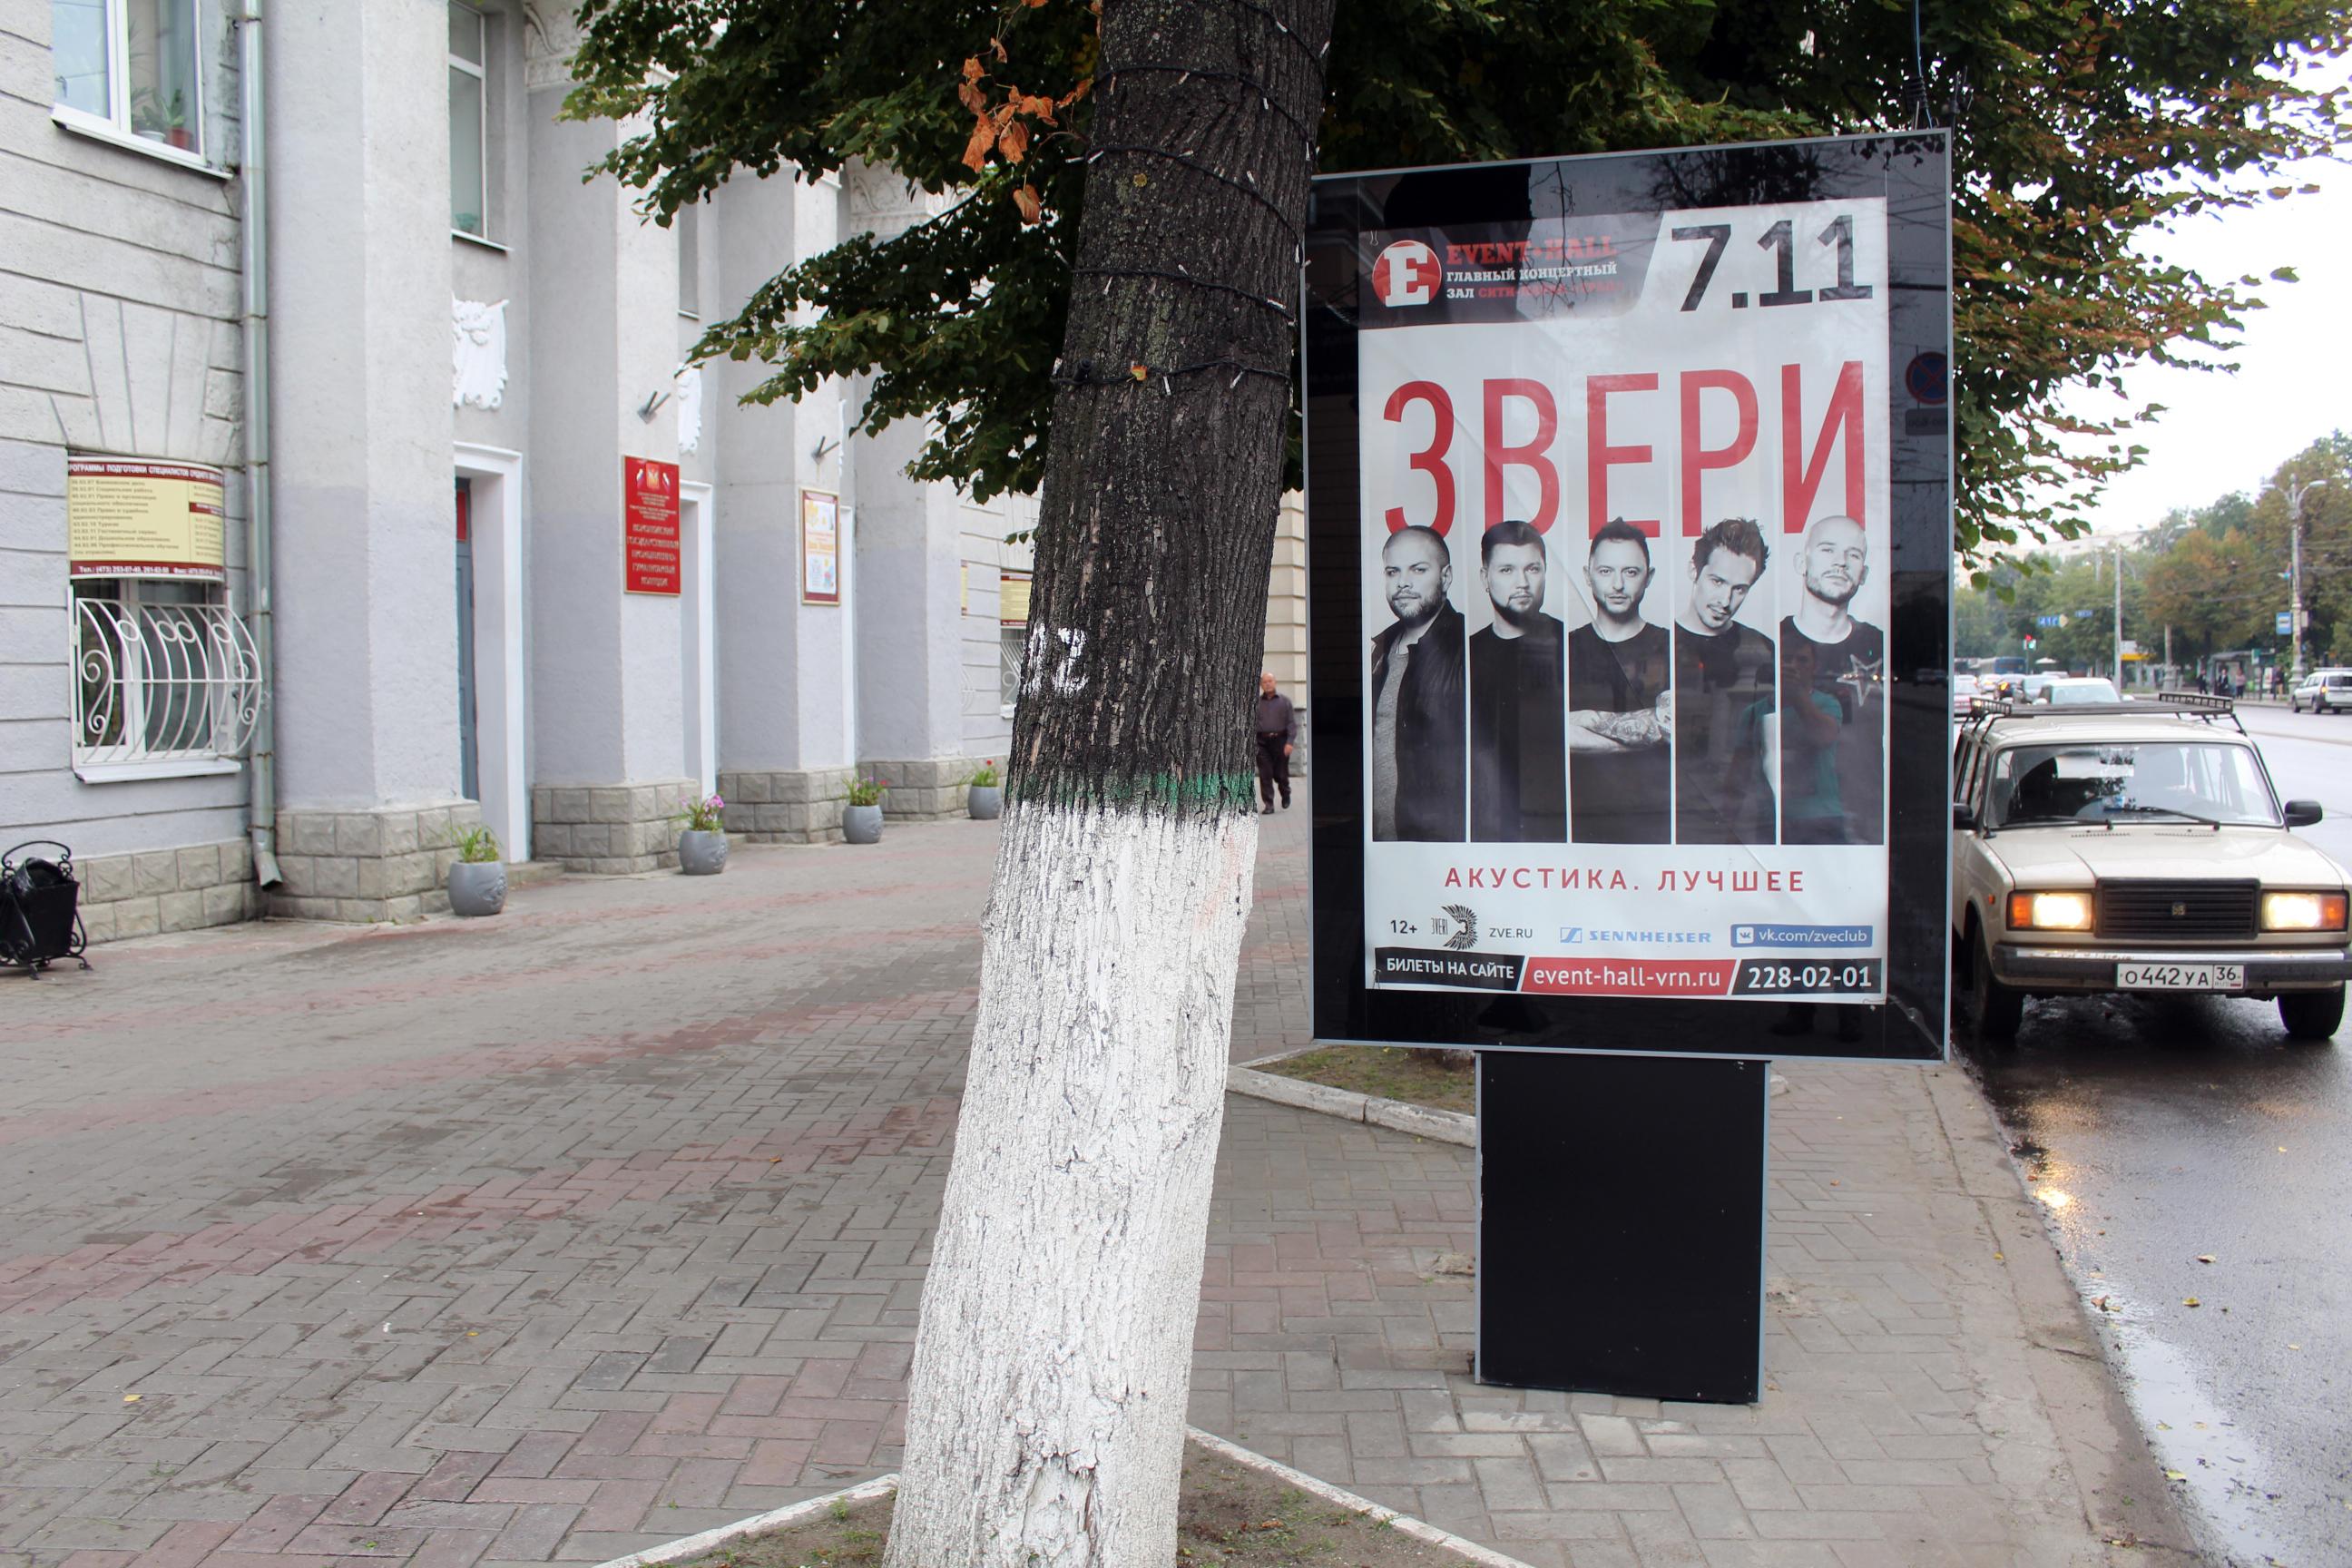 113В  Проспект Революции - ул. Чайковского.